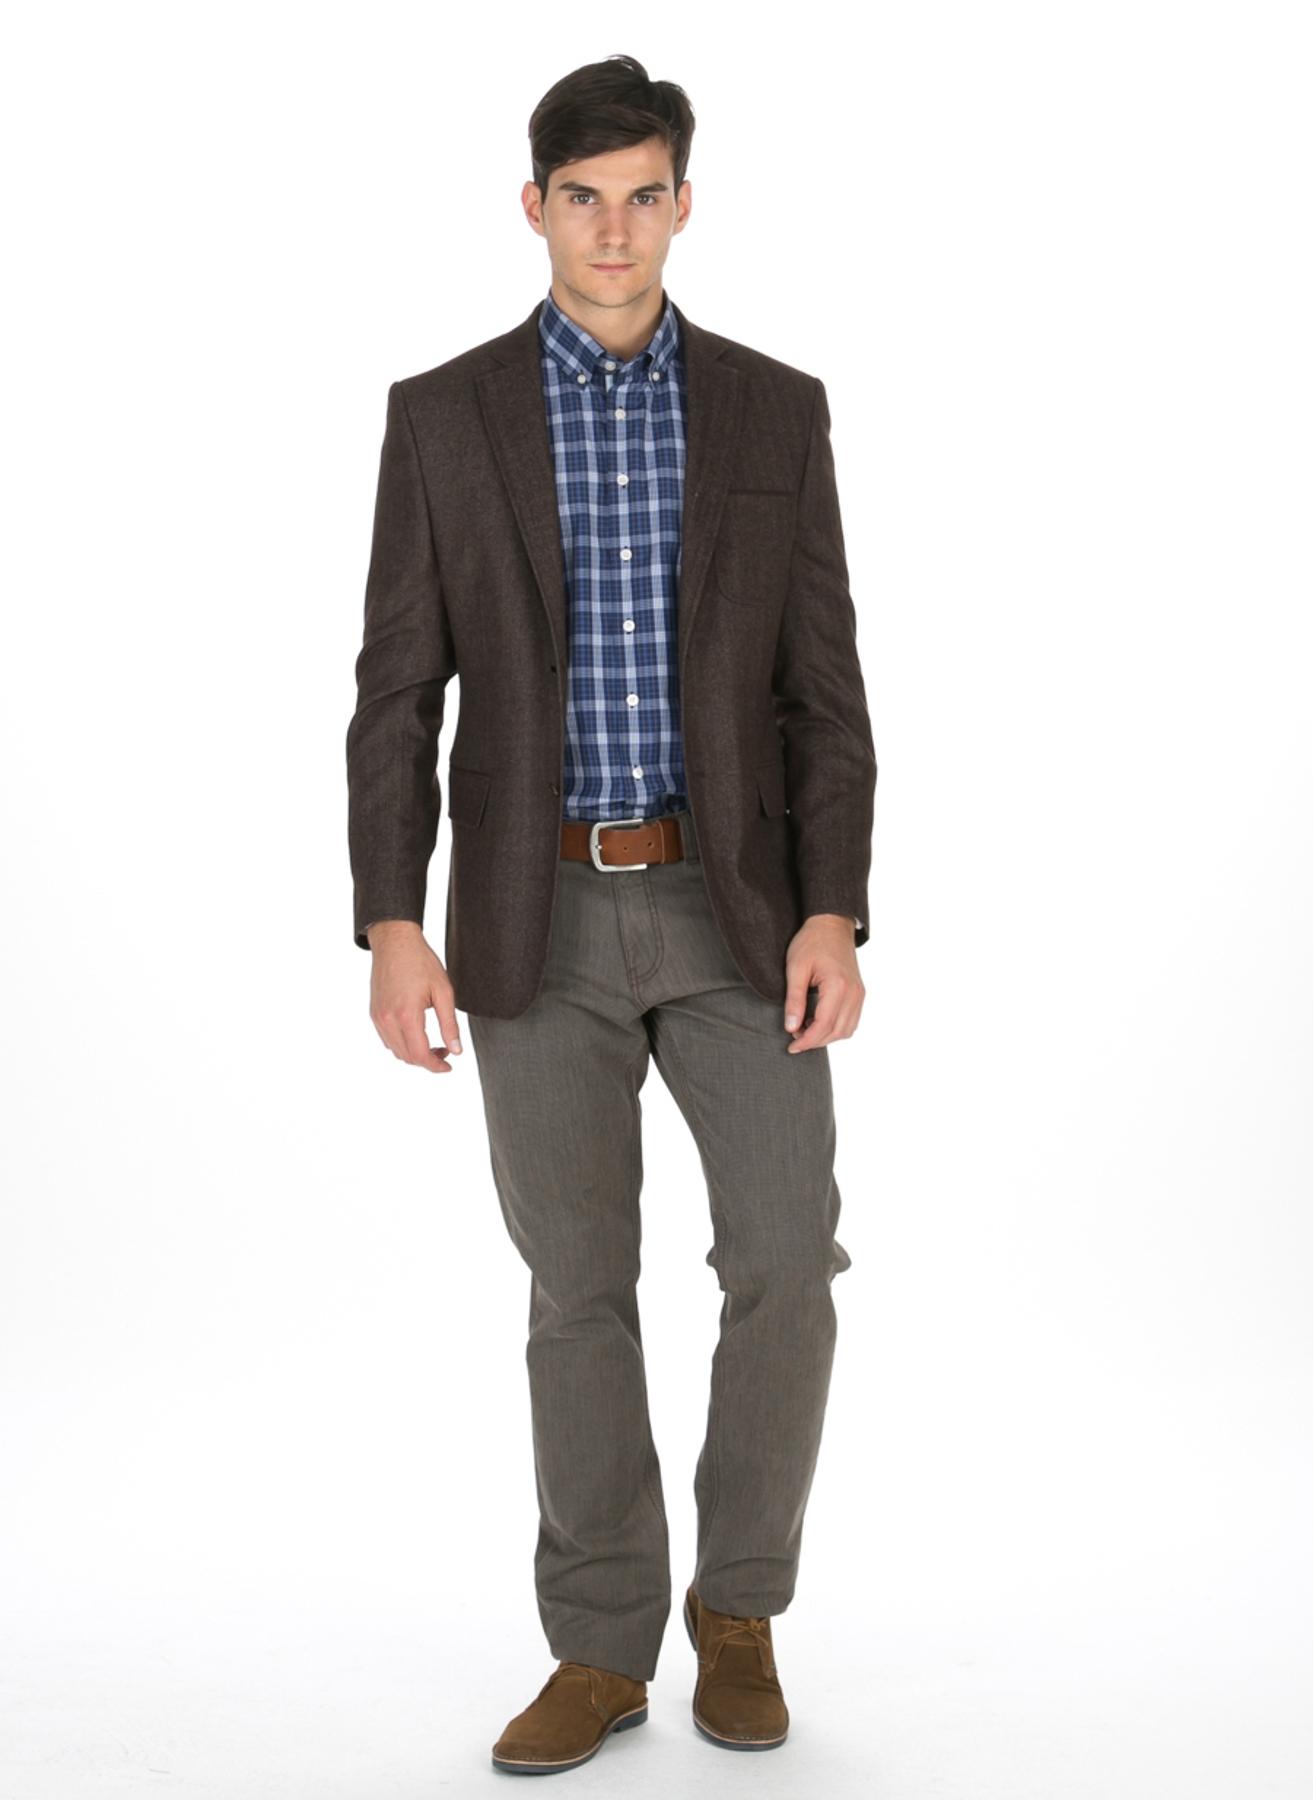 Antrasit Cotton Bar Ceket 48-6 5000038486001 Erkek Giyim & Yelek